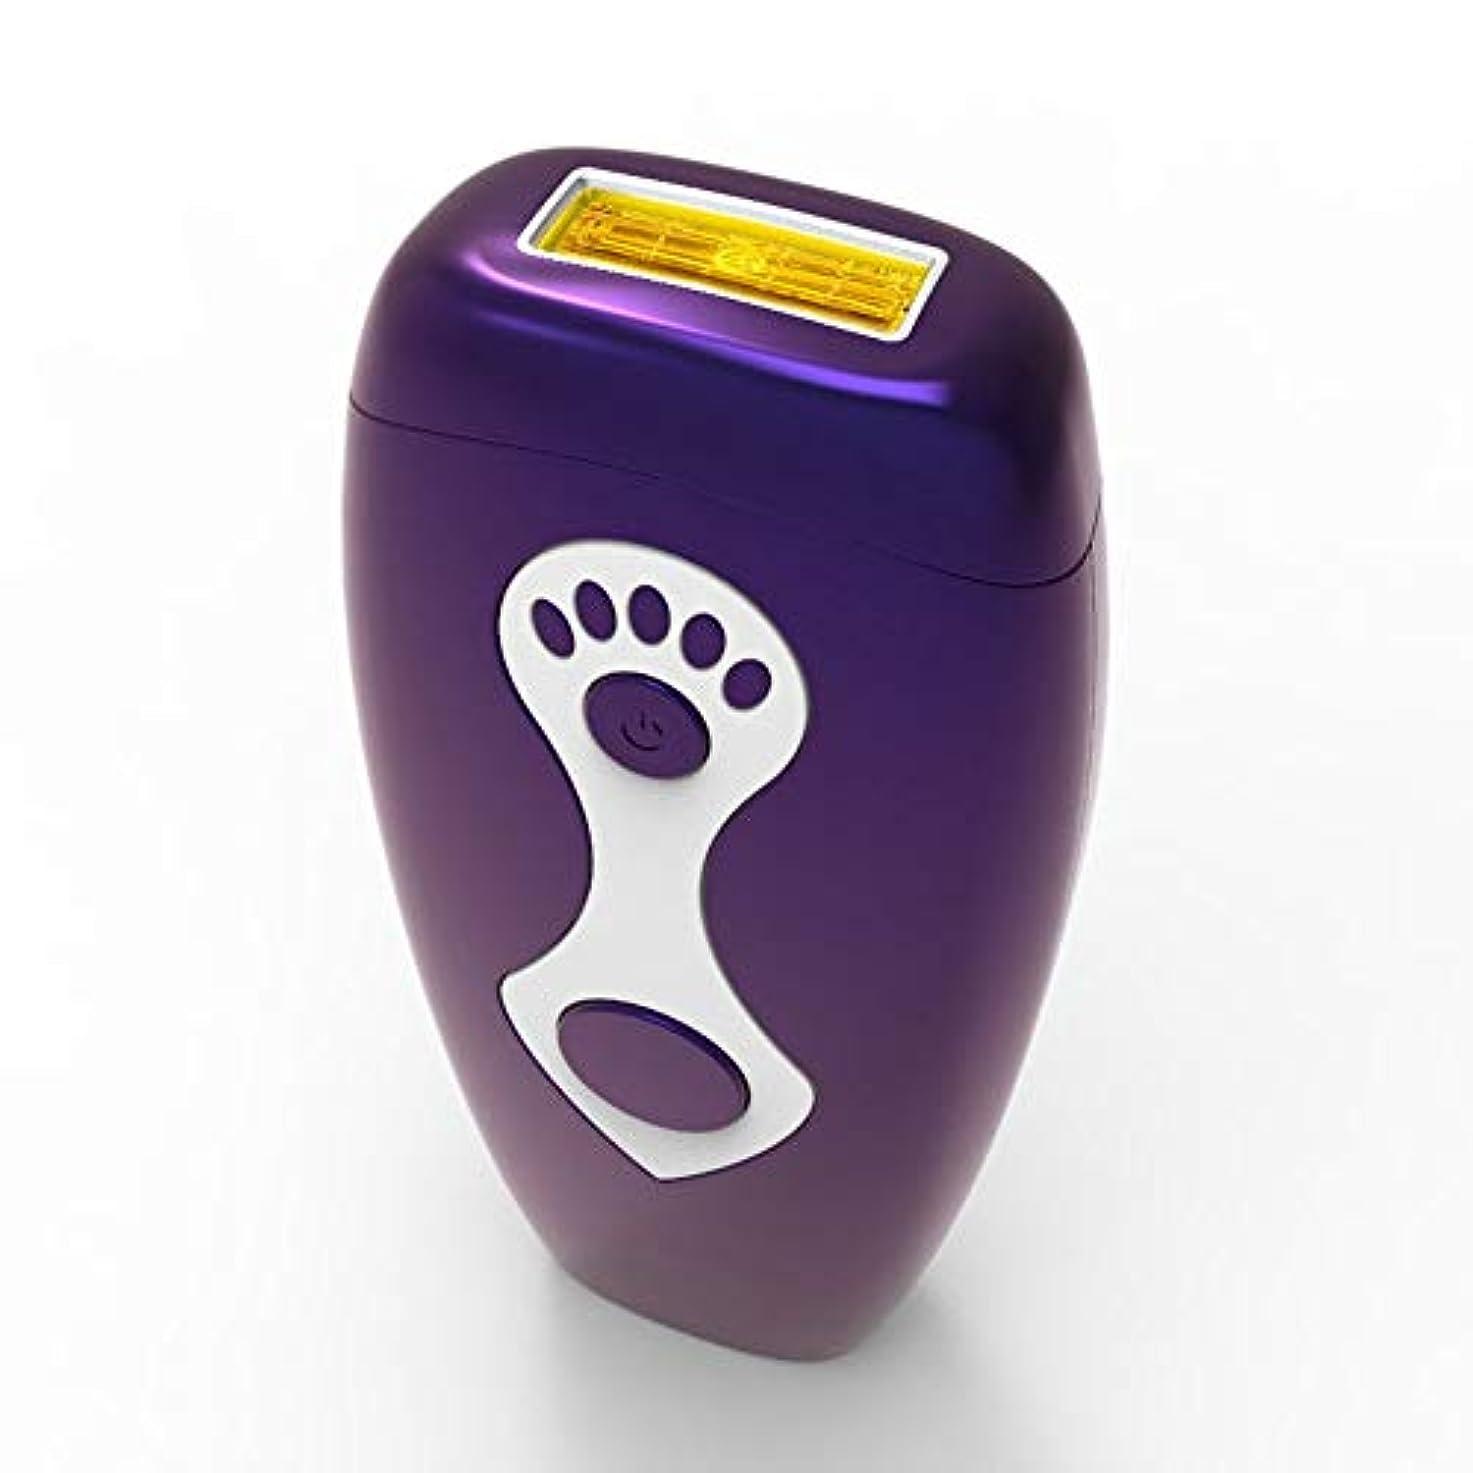 無しアレルギー性注入するパーマネント脱毛、家庭用ニュートラルヘアリムーバー、柔らかい肌、マルチ運動エネルギー、安全性、グレード5無料調整、サイズ7.5×16.5 Cm 快適な脱毛 (Color : Purple)